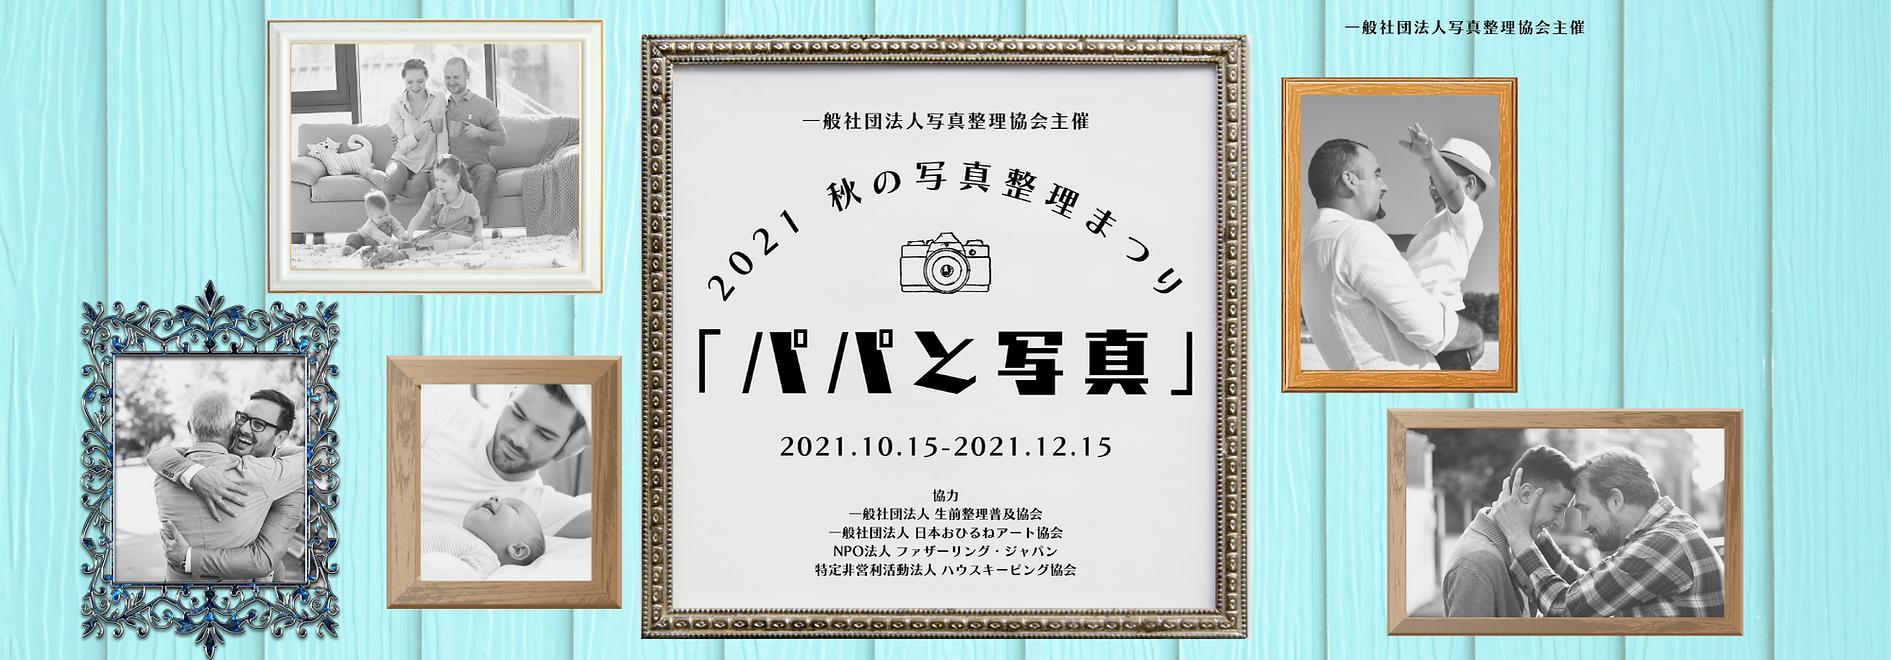 2021秋写真整理まつりWIXスライド用 (1).png